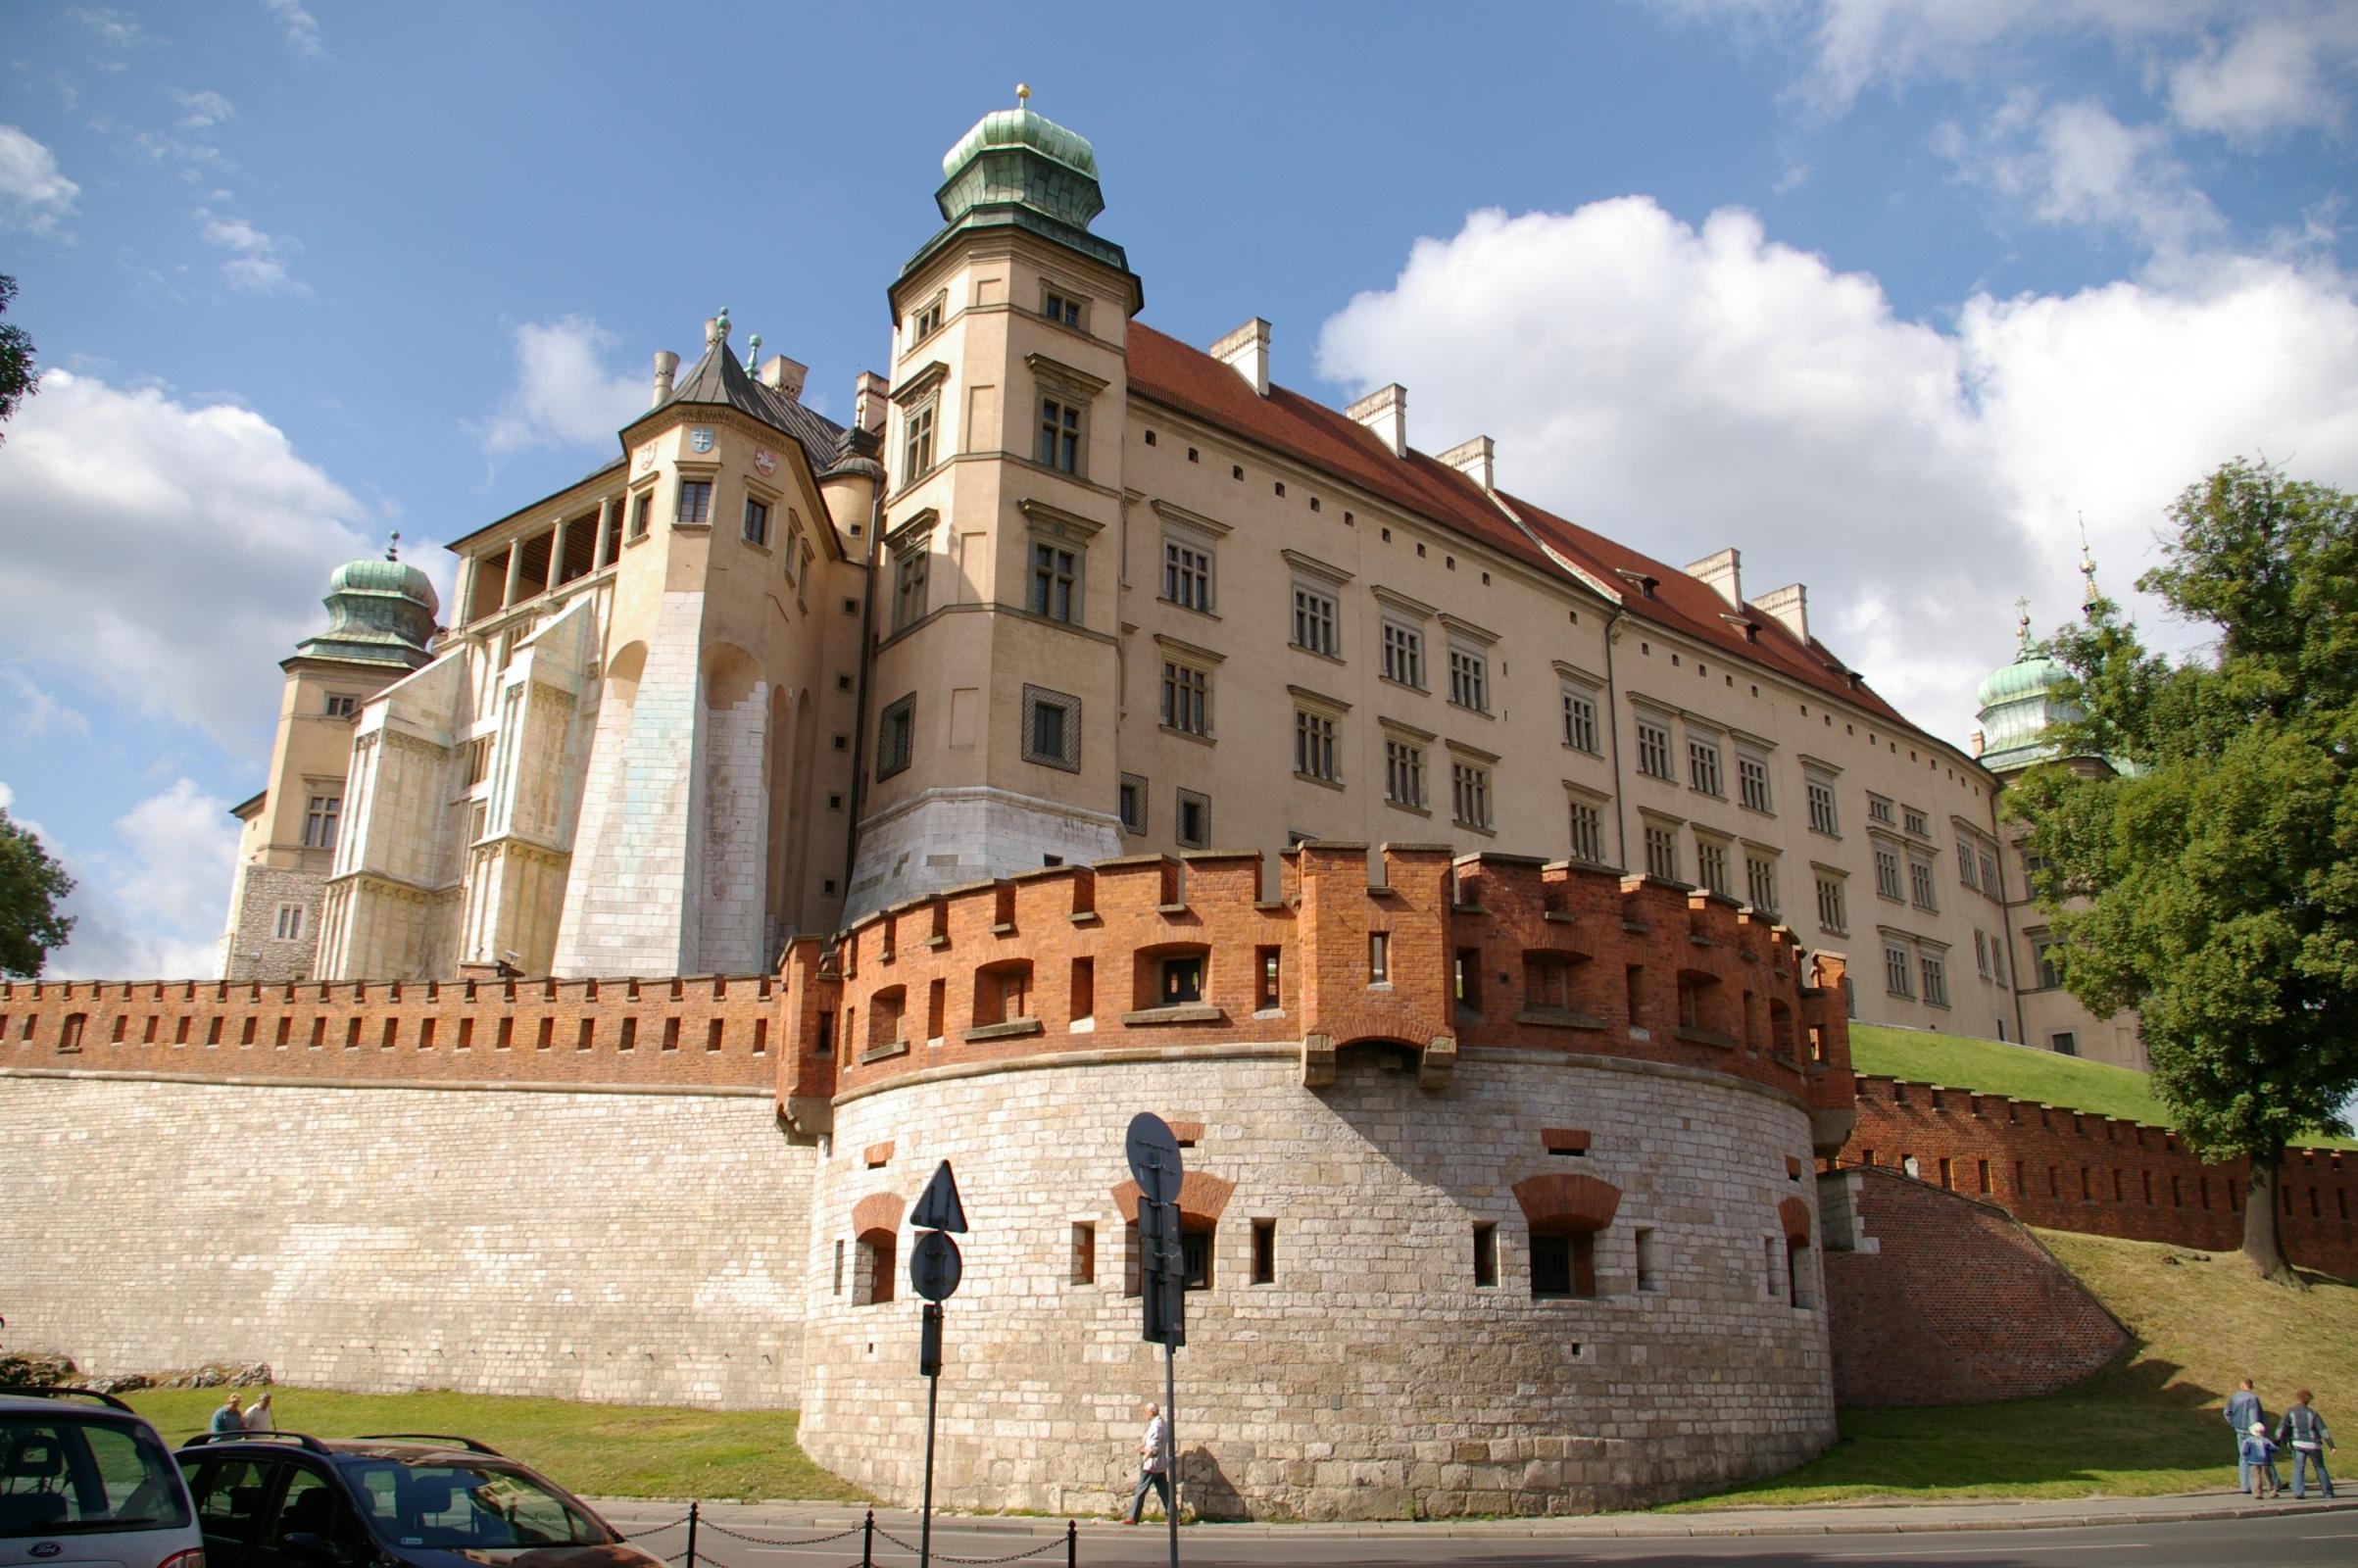 Krakow_Wawel_fot._Jakub_Hałun